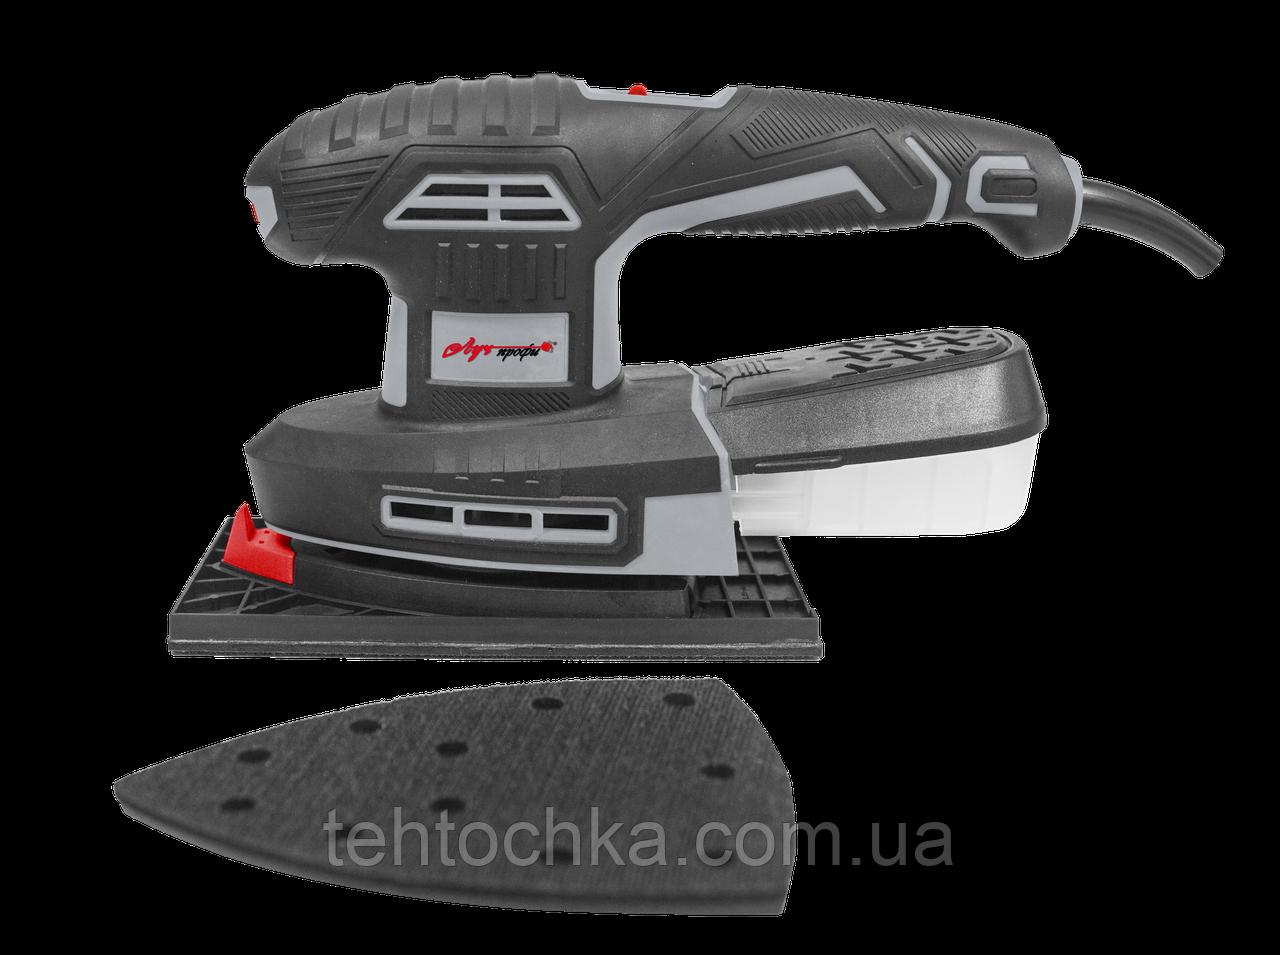 Плоскошлифовальная Луч профи ПШМЛ-580/2Е